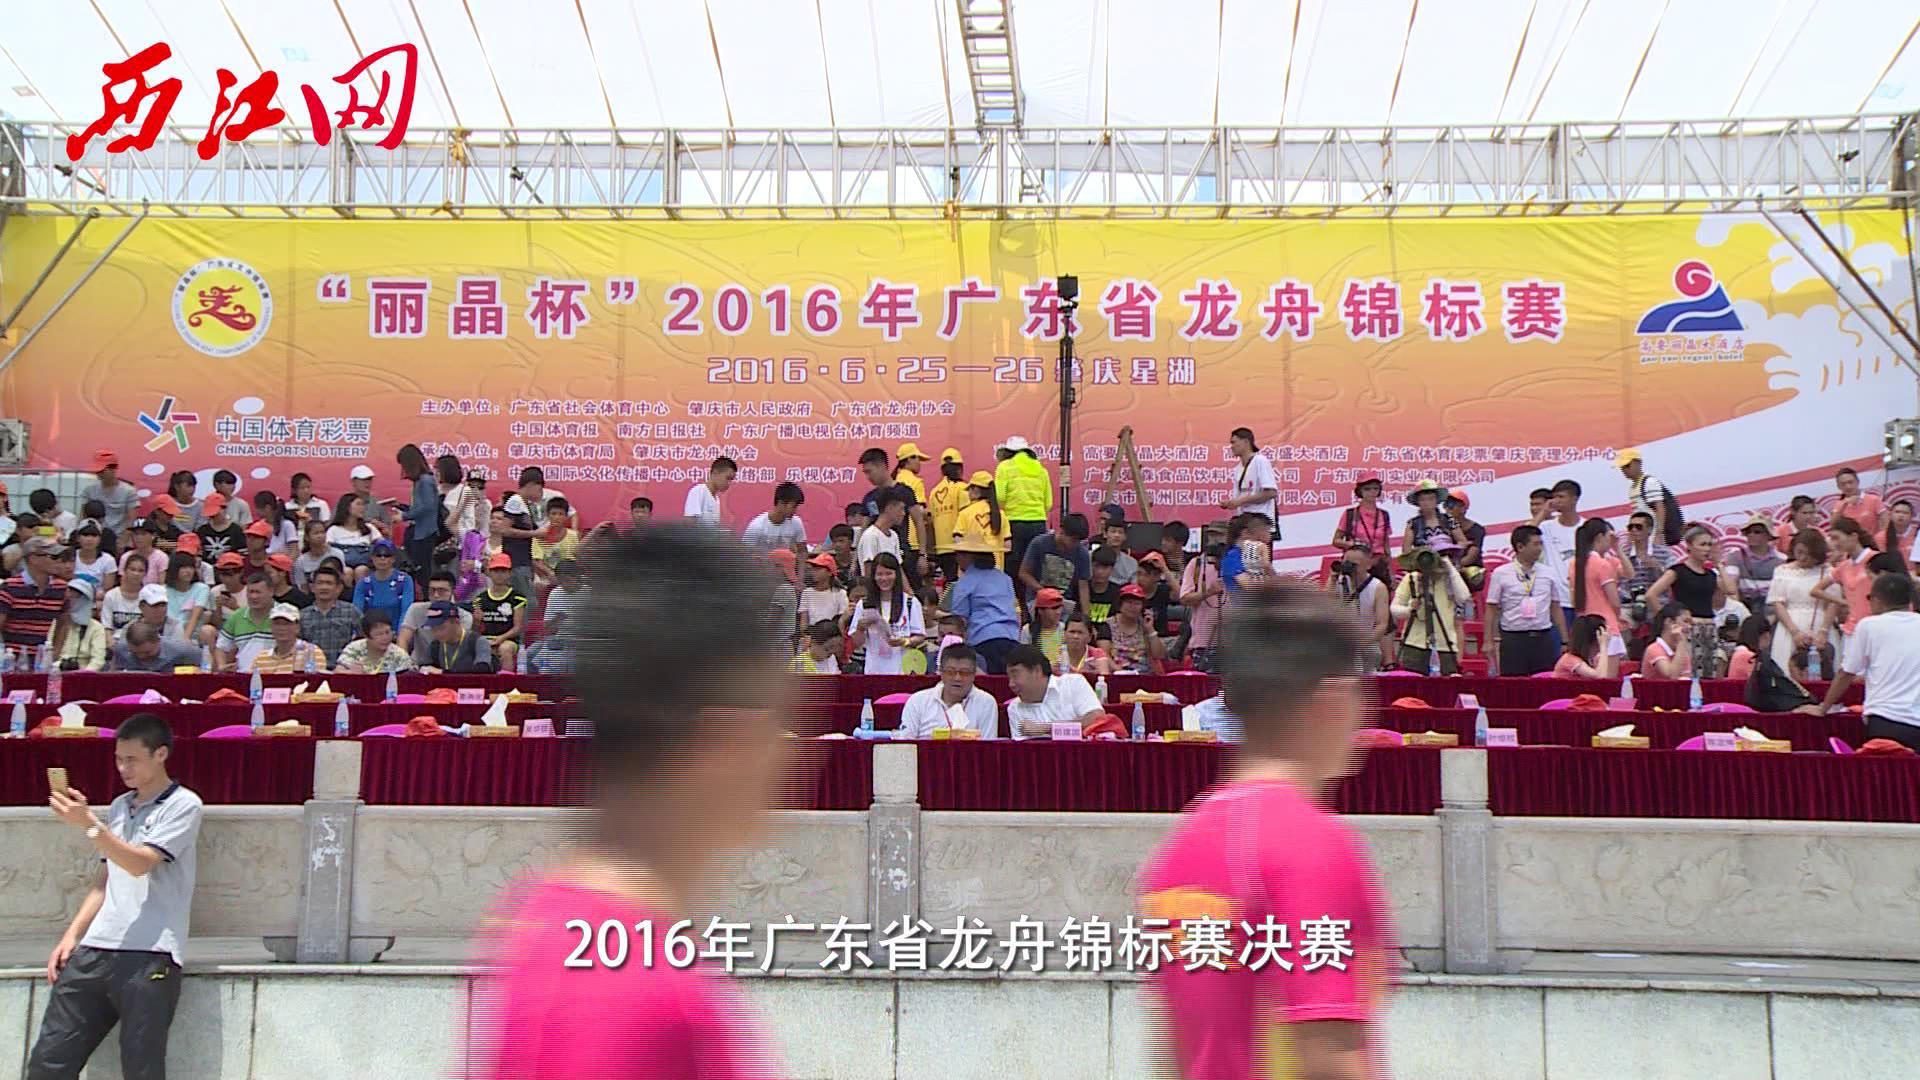 2016赢天下导航省龙舟锦标赛在2018年送彩金网站大全举行,全省22支队伍同场竞渡